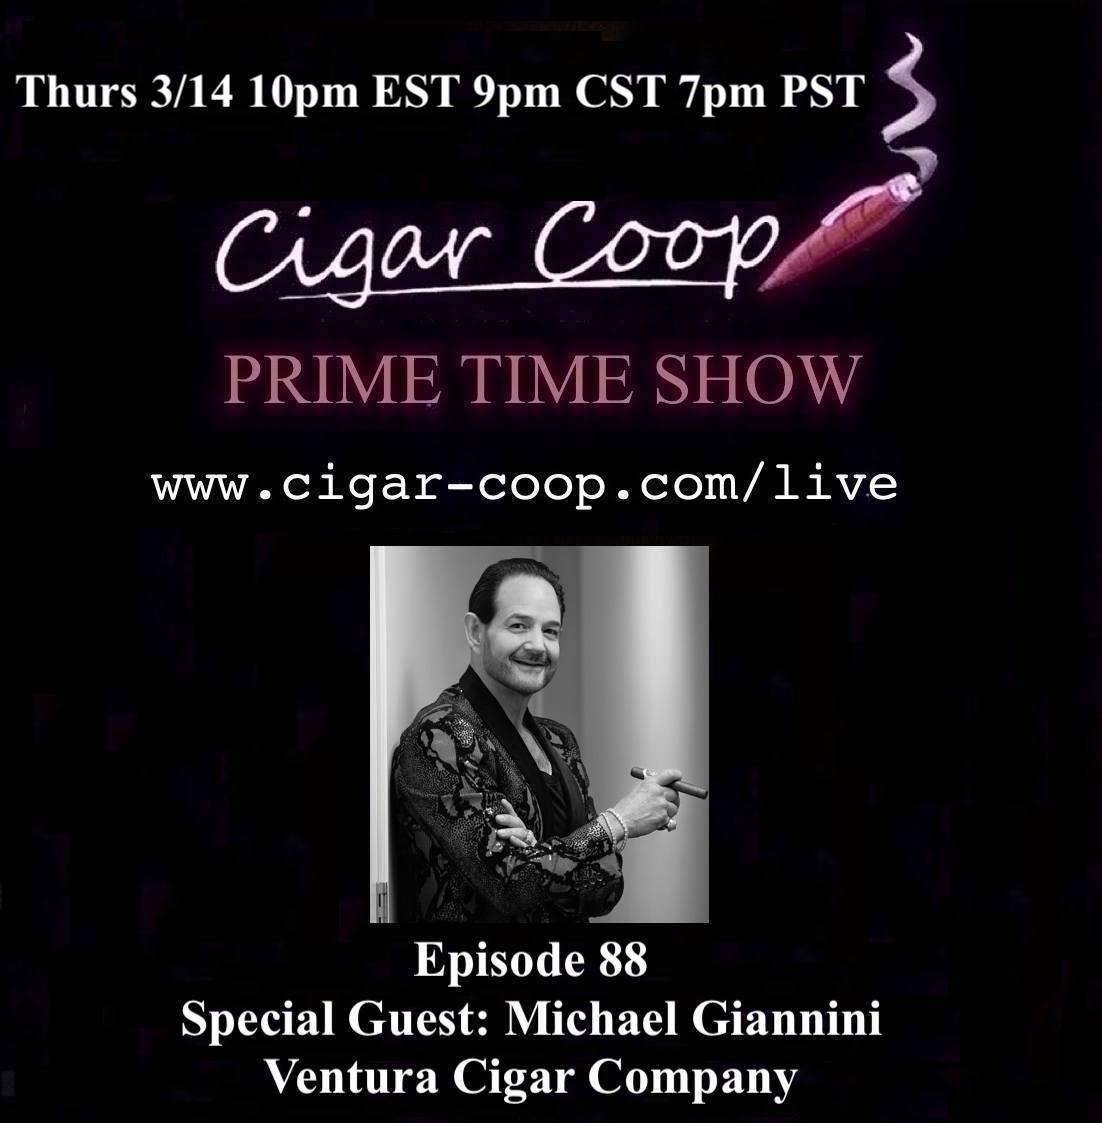 Announcement: Prime Time Episode 88 – Michael Giannini, Ventura Cigar Company